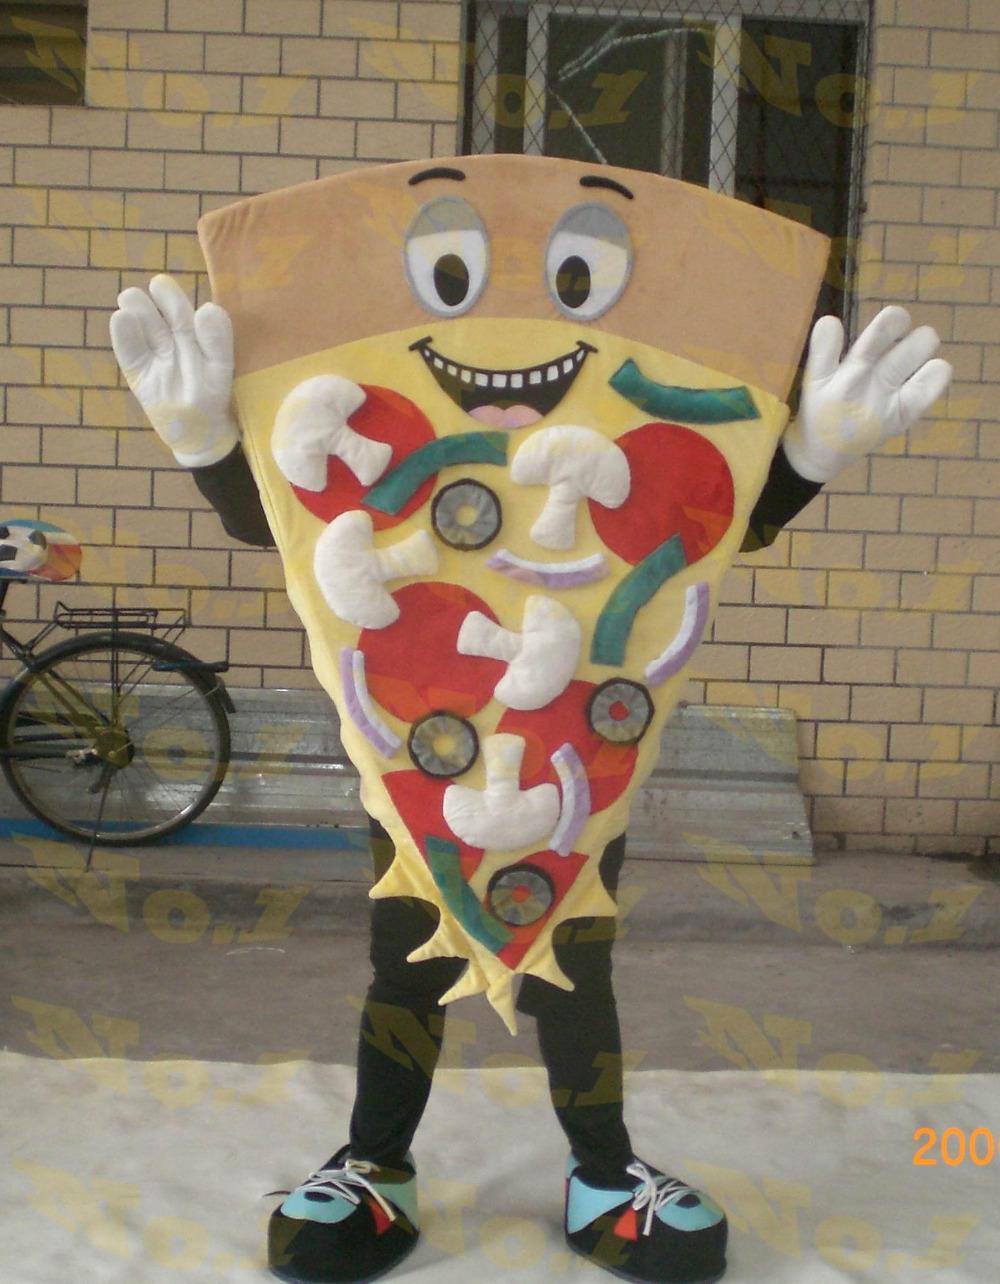 herr pizza mann cartoon maskottchen kost m herr pizza maskottchen kost m gute qualit t in neue. Black Bedroom Furniture Sets. Home Design Ideas